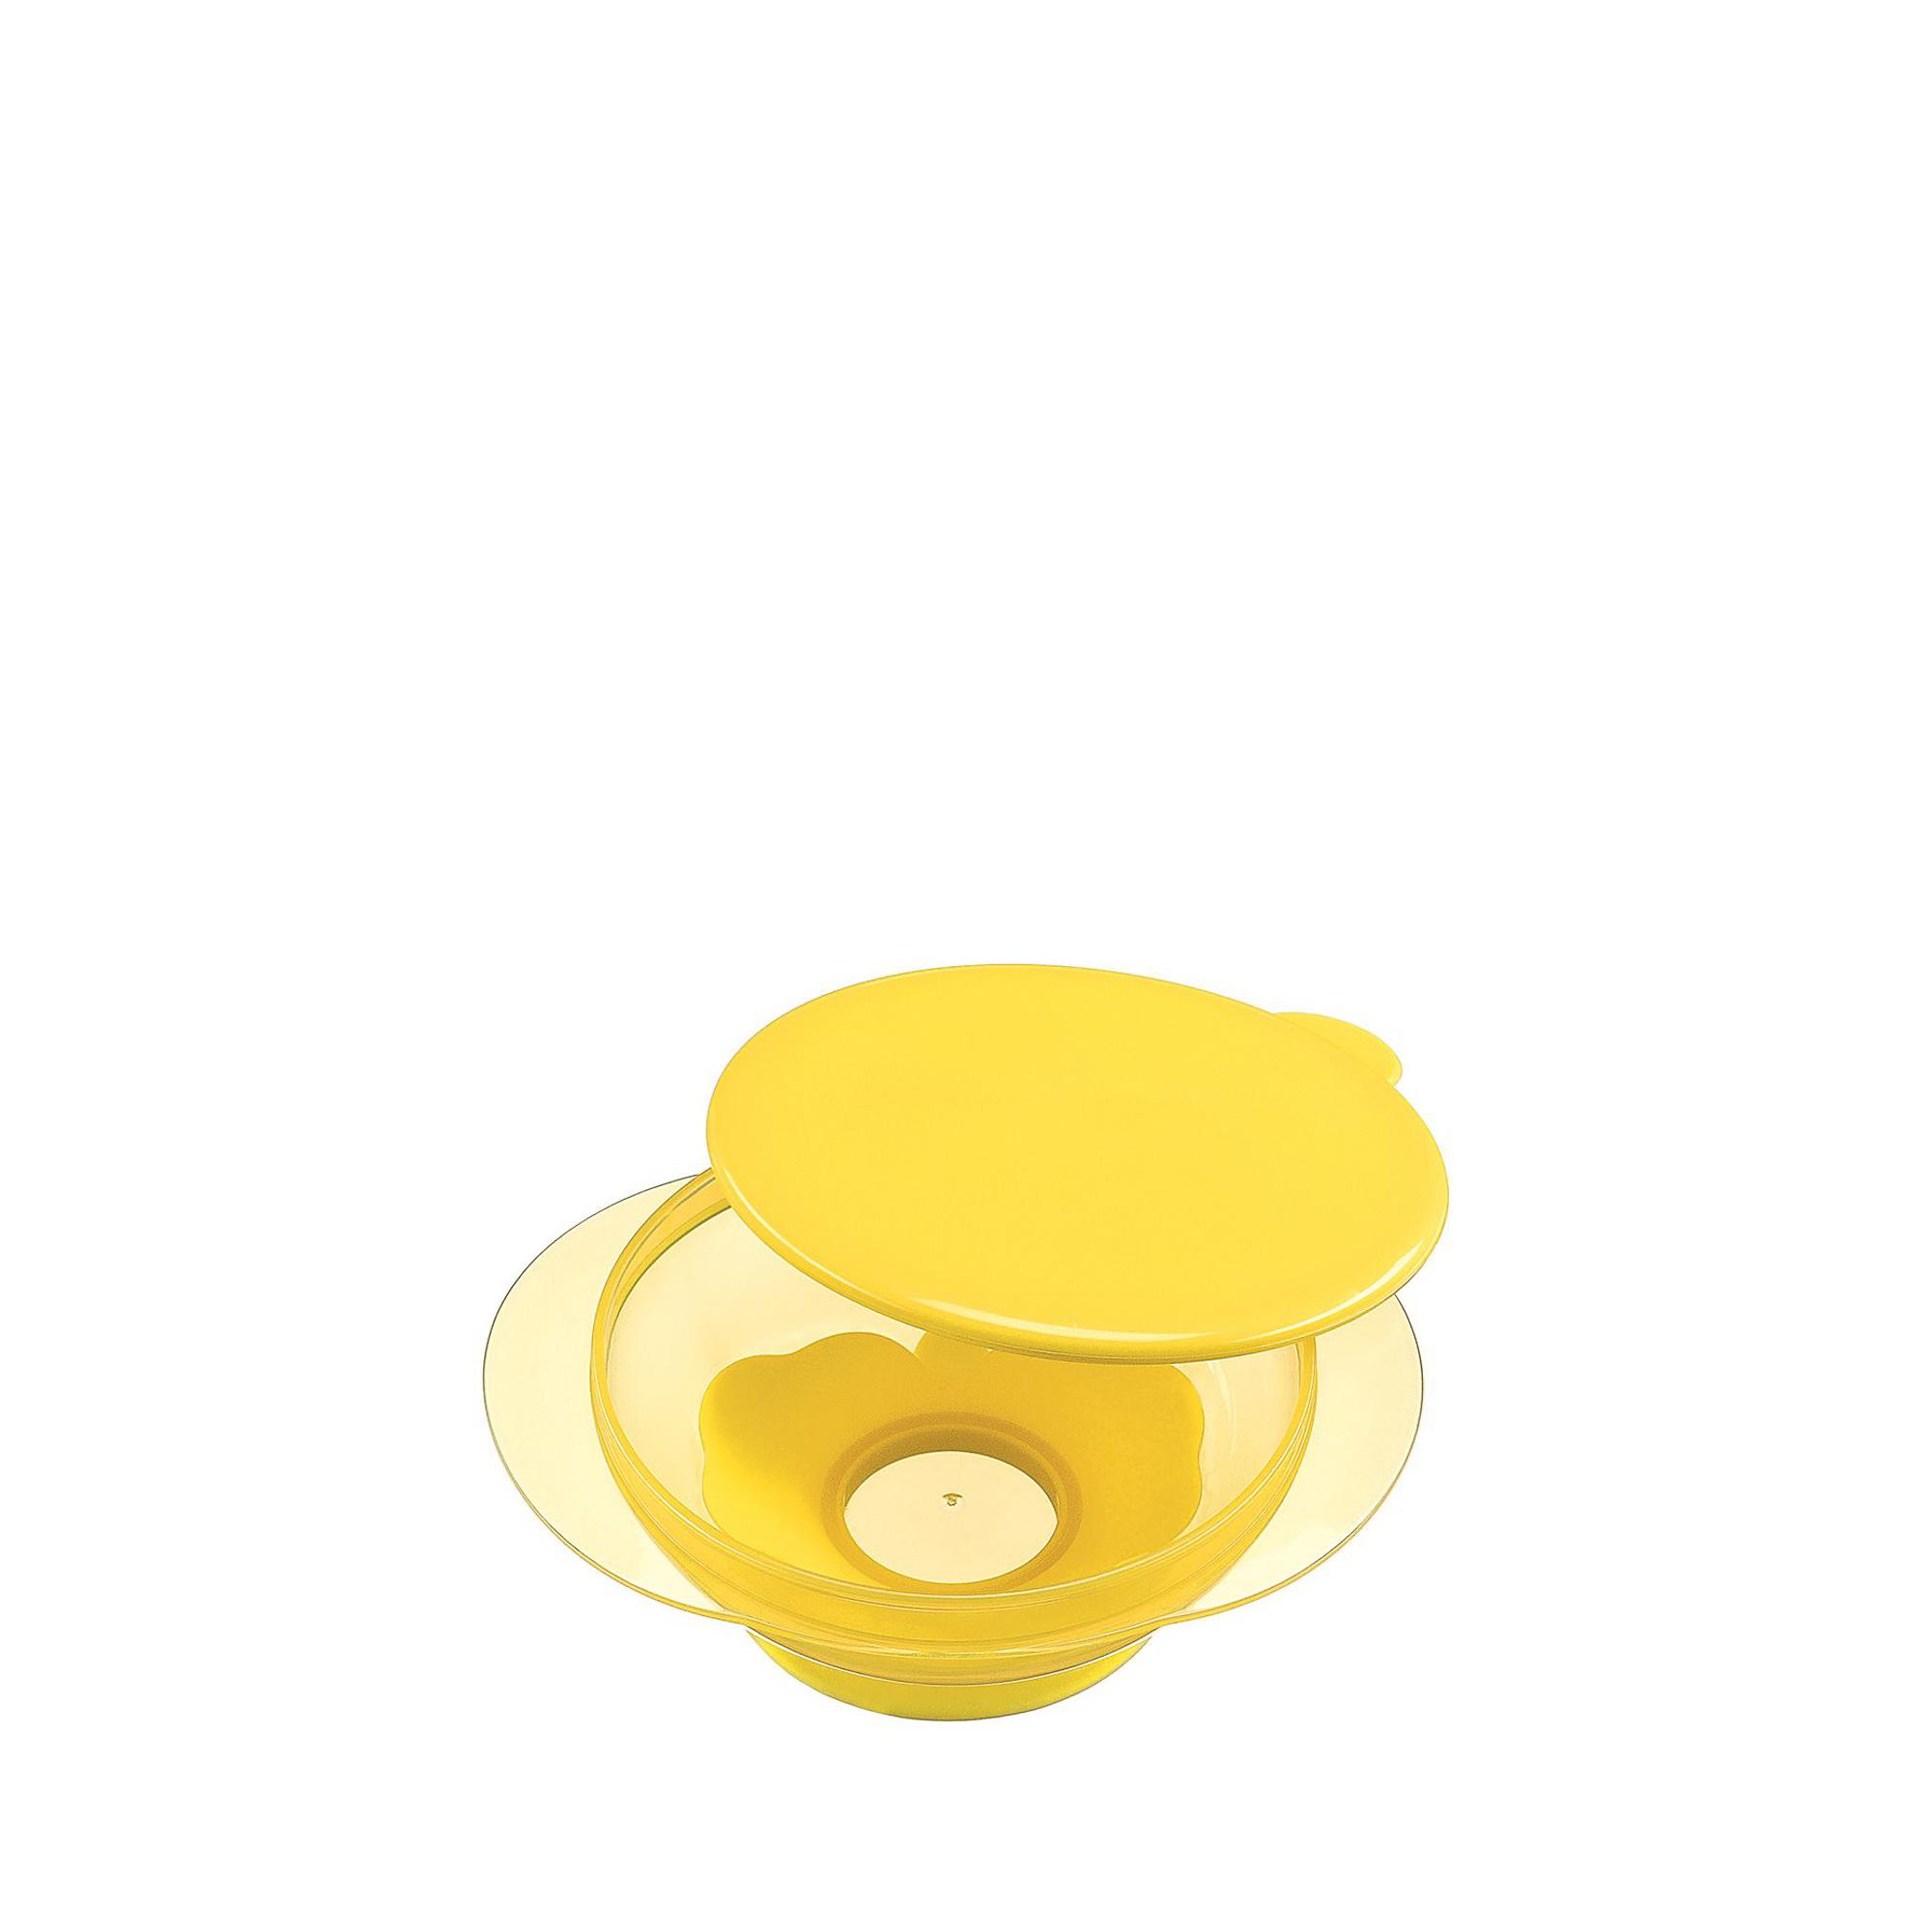 Купить Тарелка на присоске Happy Baby Lemon 14 см, Китай, желтый, полипропилен, термопластичный эластомер, Детская посуда и аксессуары